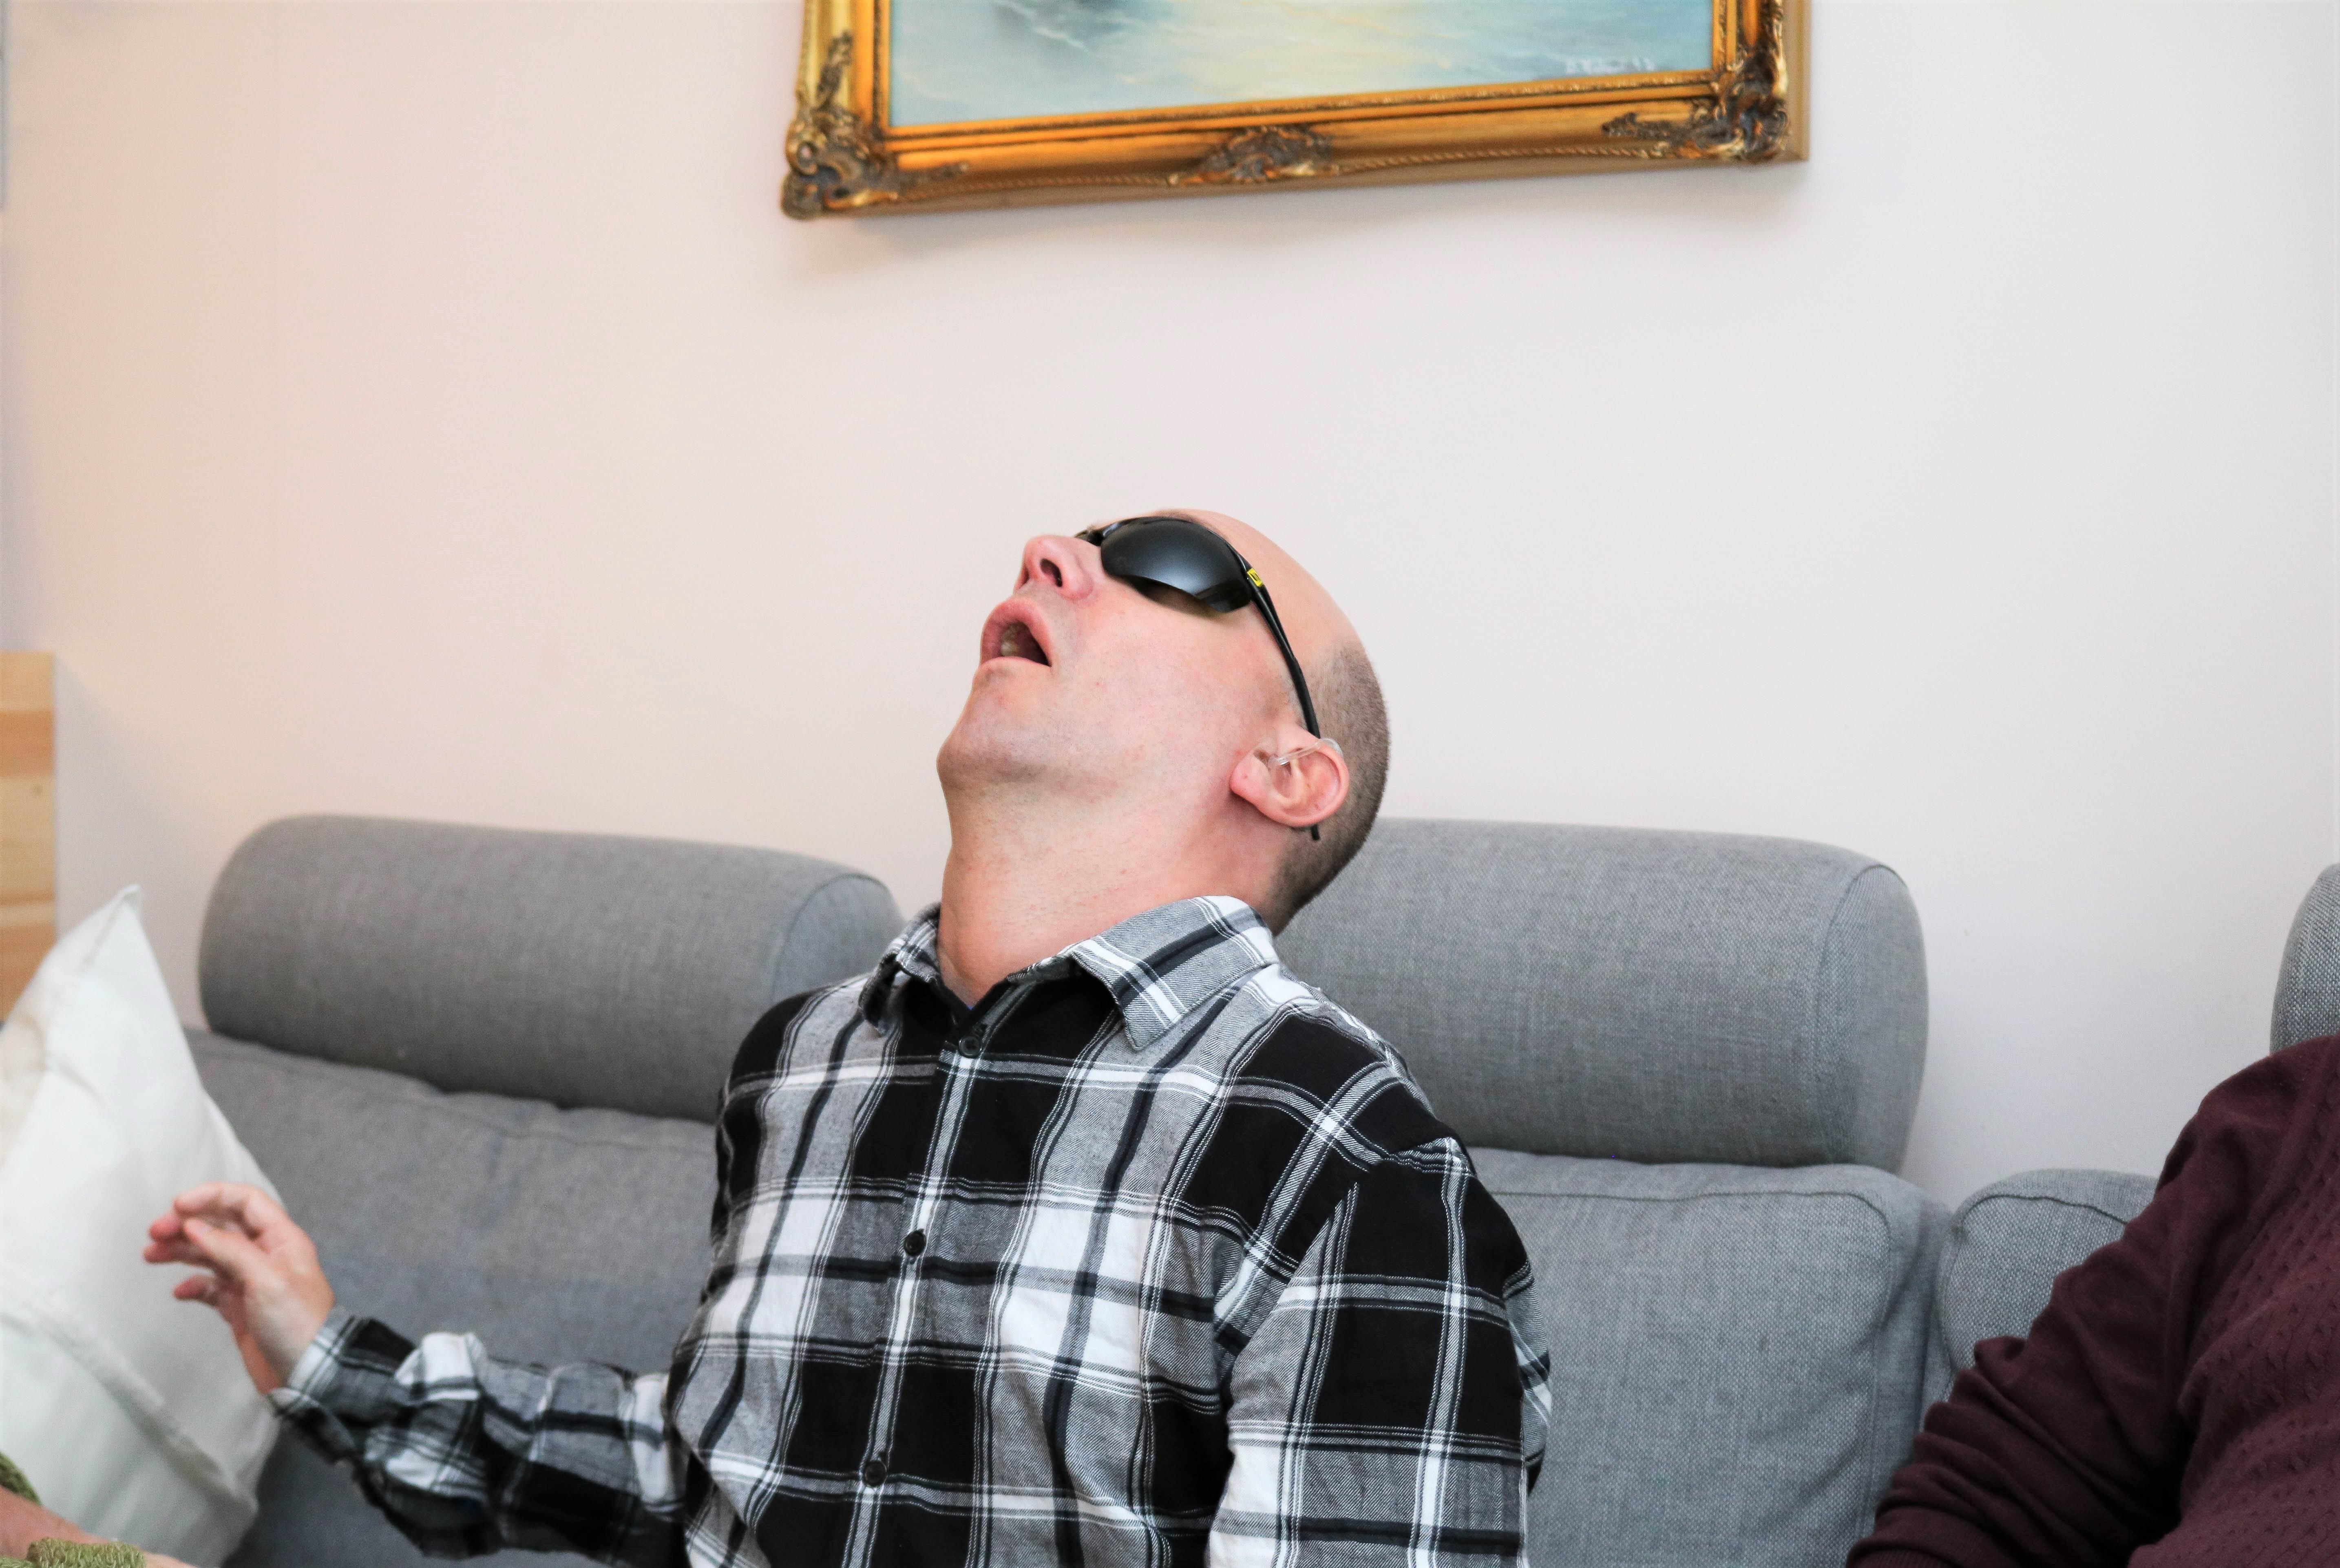 Døvblindmann med mørke briller bøyer seg bakover i en sofa.